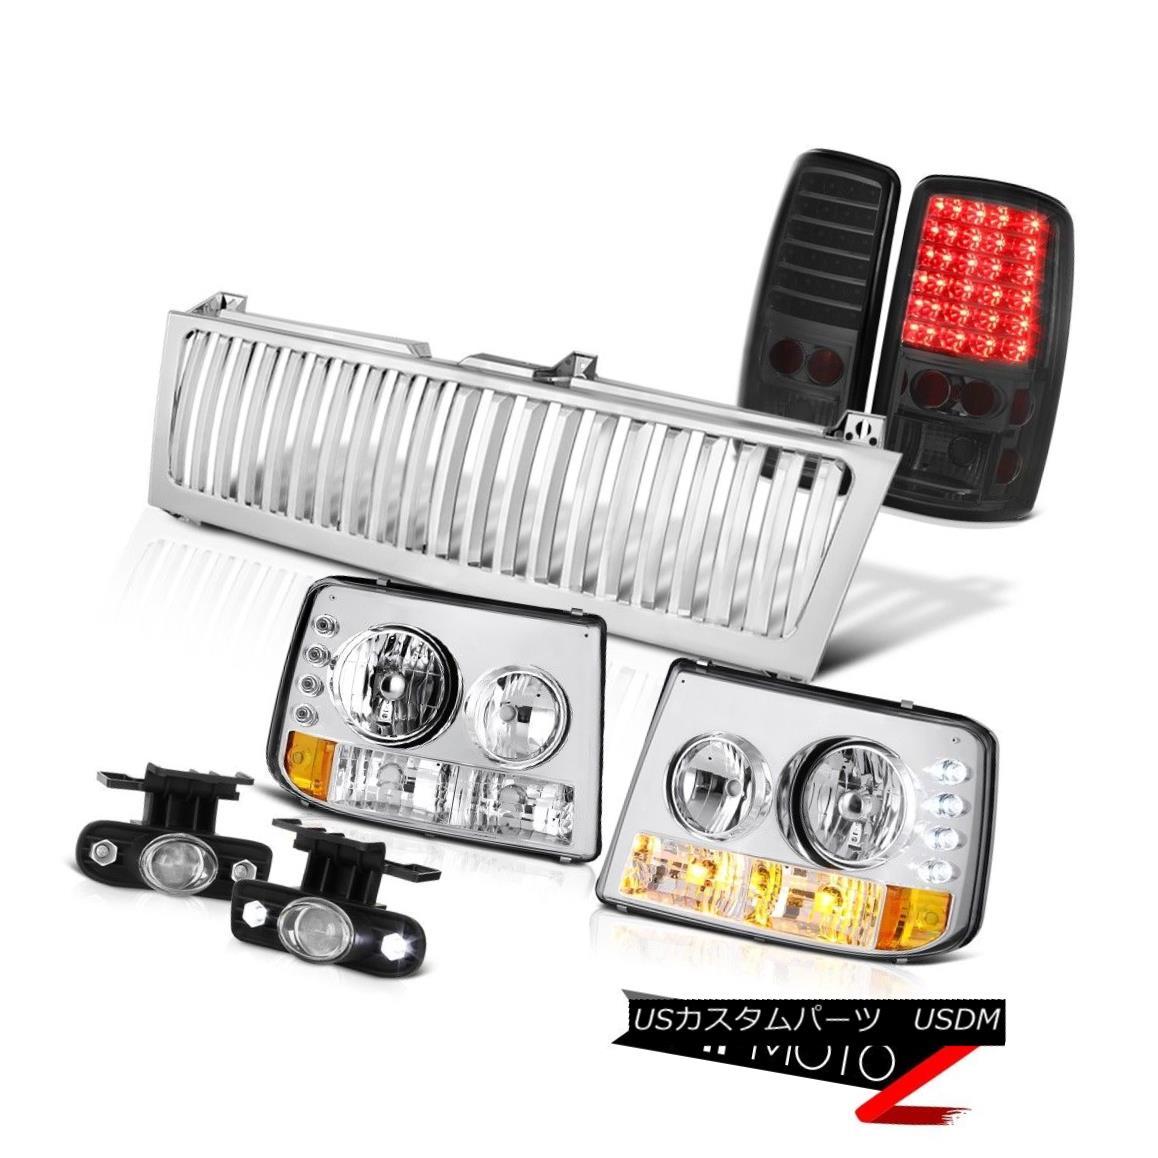 テールライト 2000-2006 Suburban 6.0L Headlights Brake Lamps Projector Foglights Chrome Grille 2000-2006郊外6.0Lヘッドライトブレーキランププロジェクターフォグライトクロームグリル